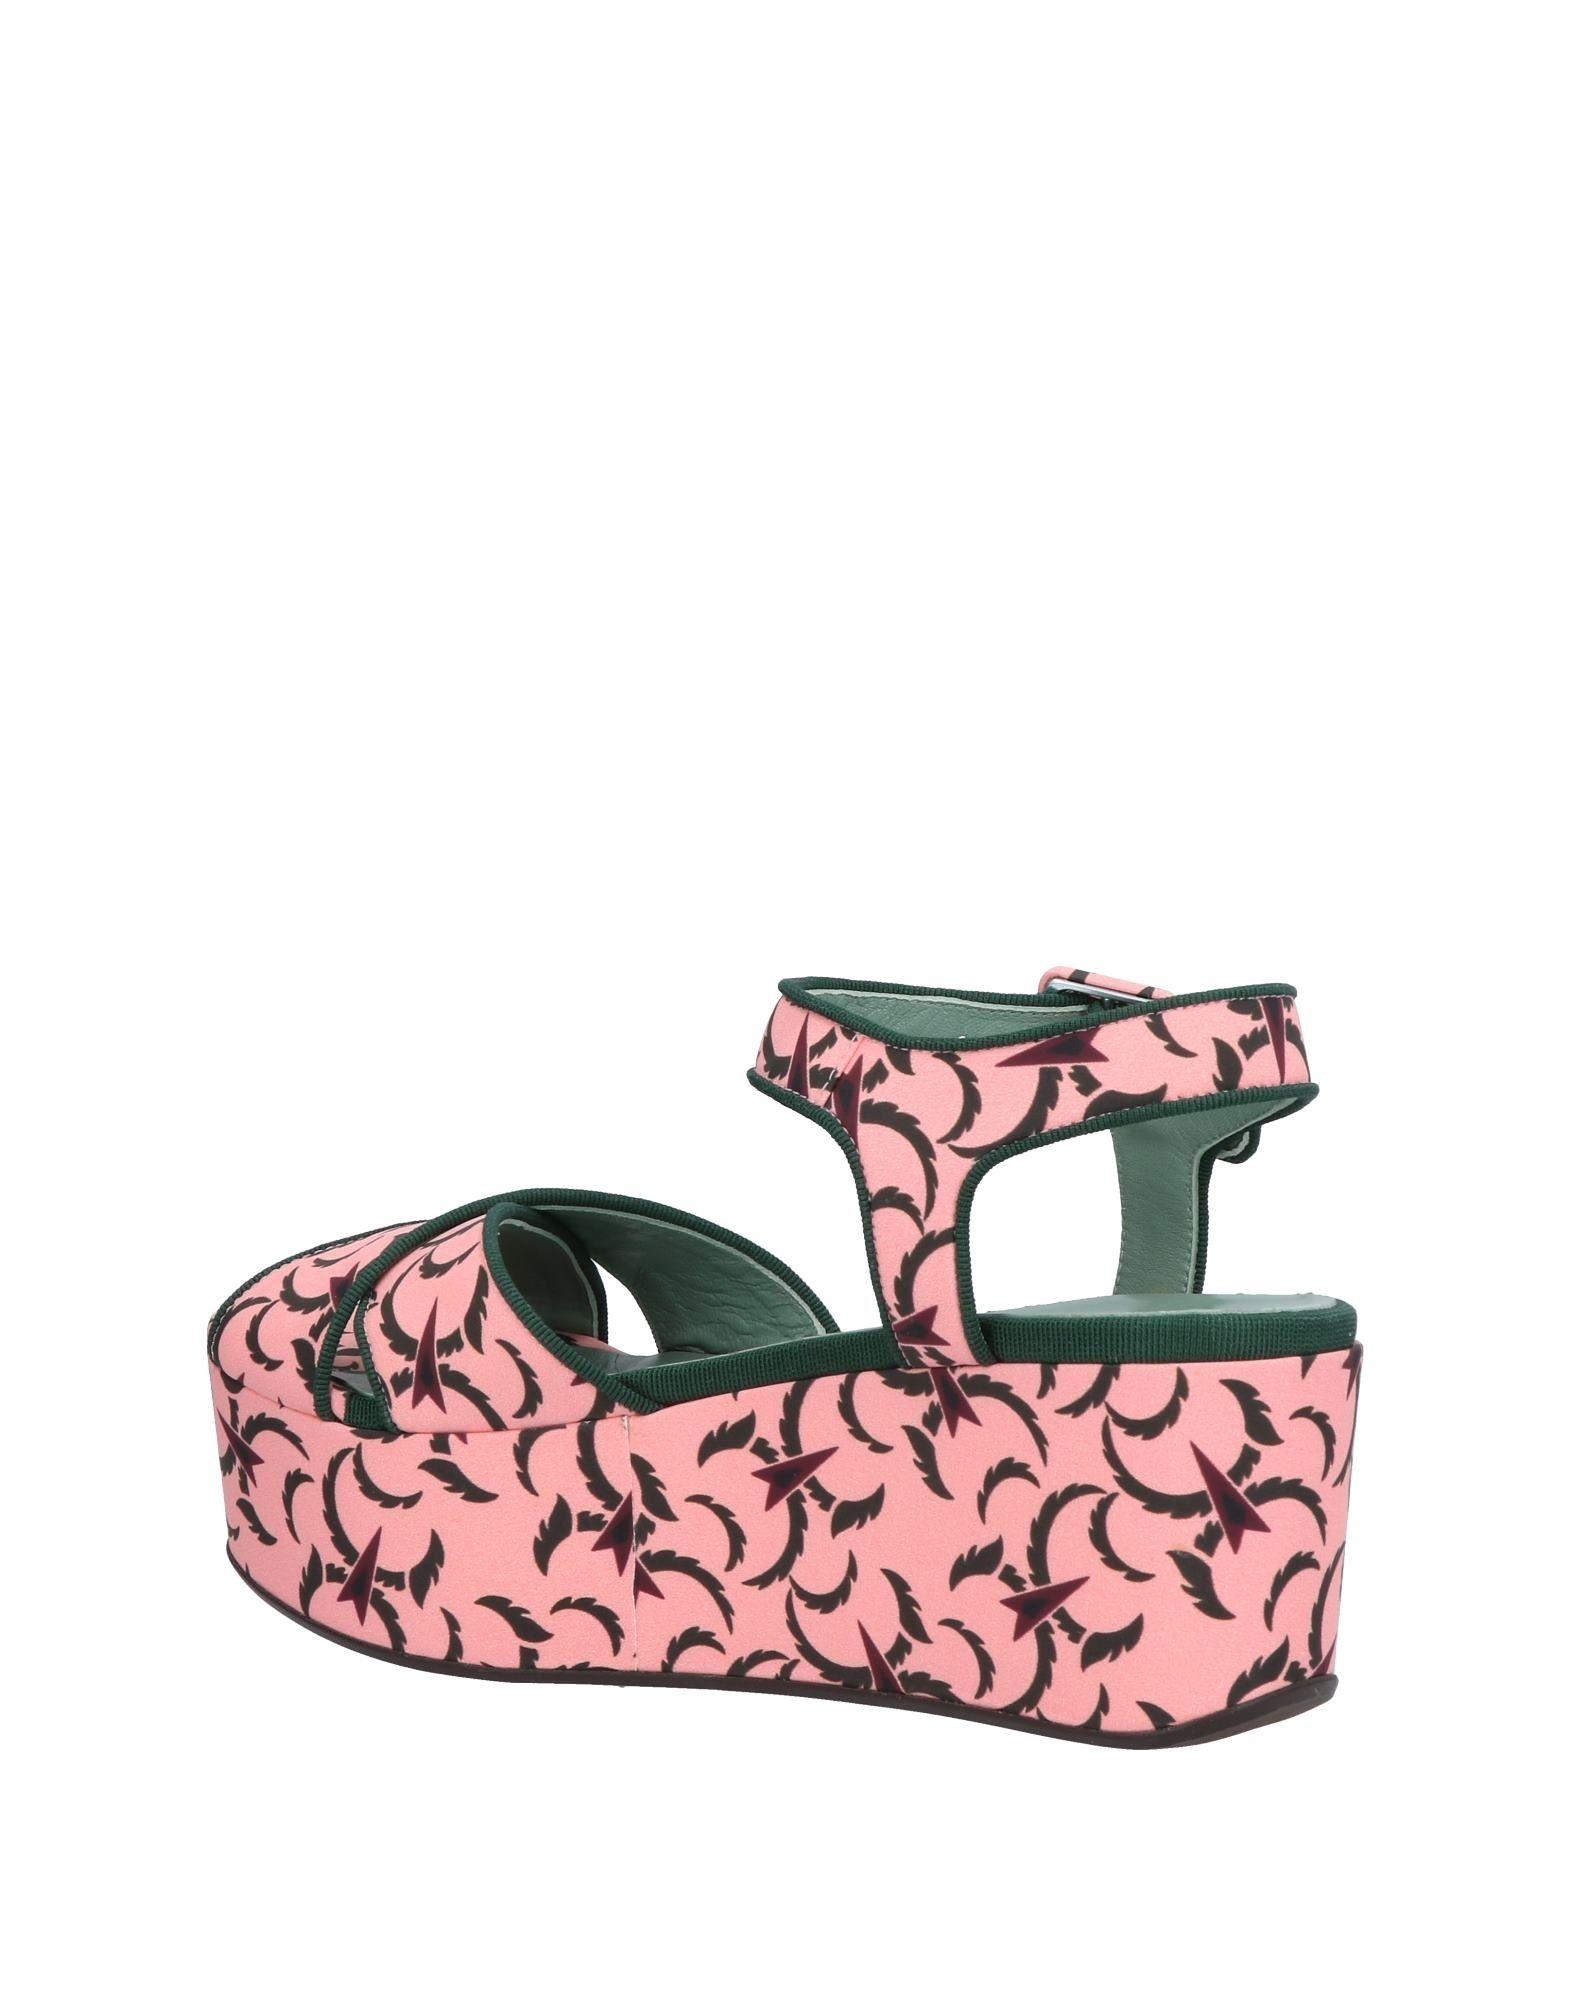 7b23d6bf4d8 ... Laura Urbinati Sandals - - - Women Laura Urbinati Sandals online on  United Kingdom - 11379692TF ...